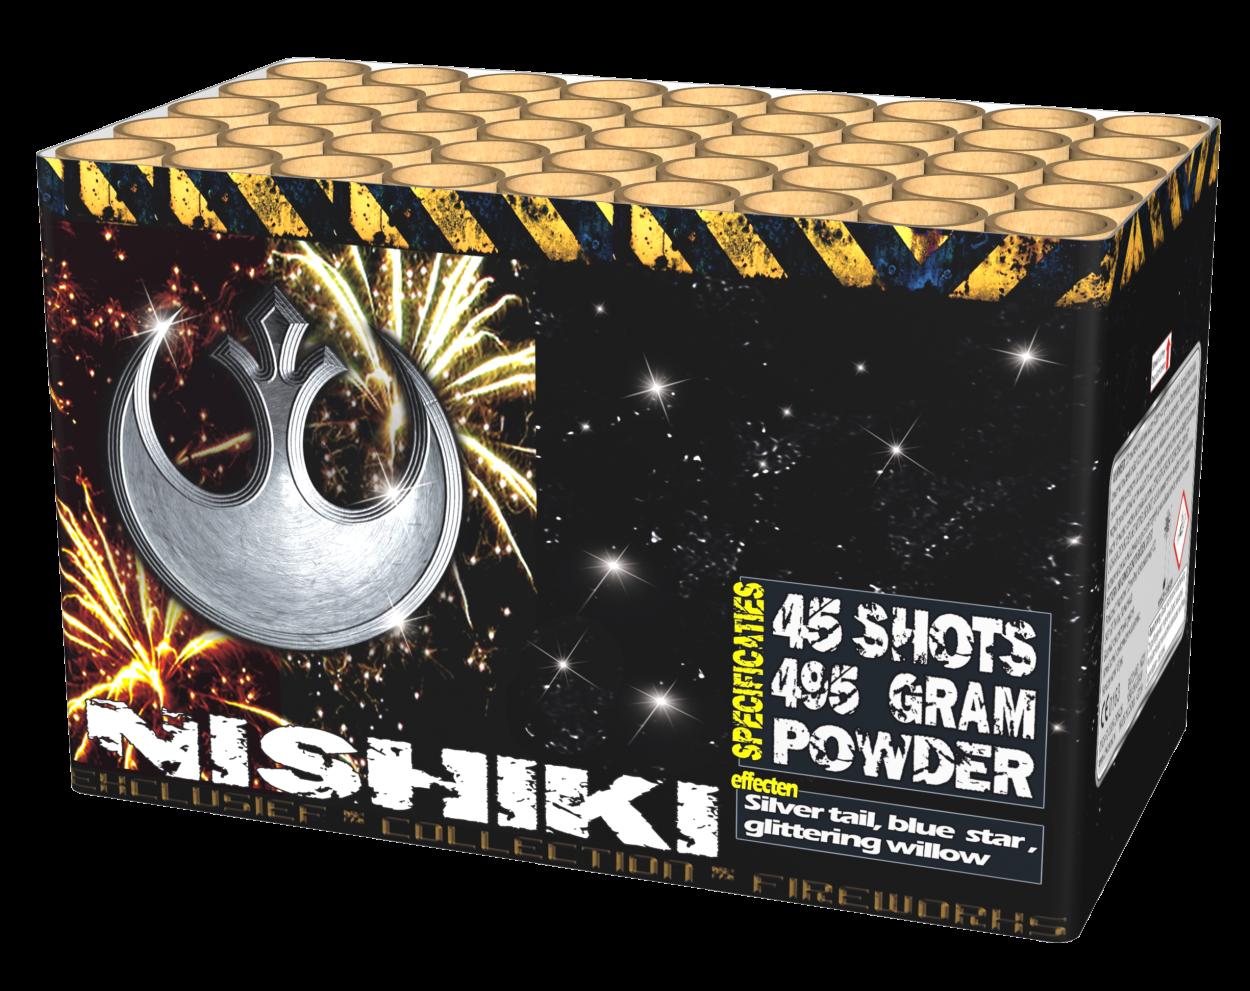 Nishiki/Golden Dream*